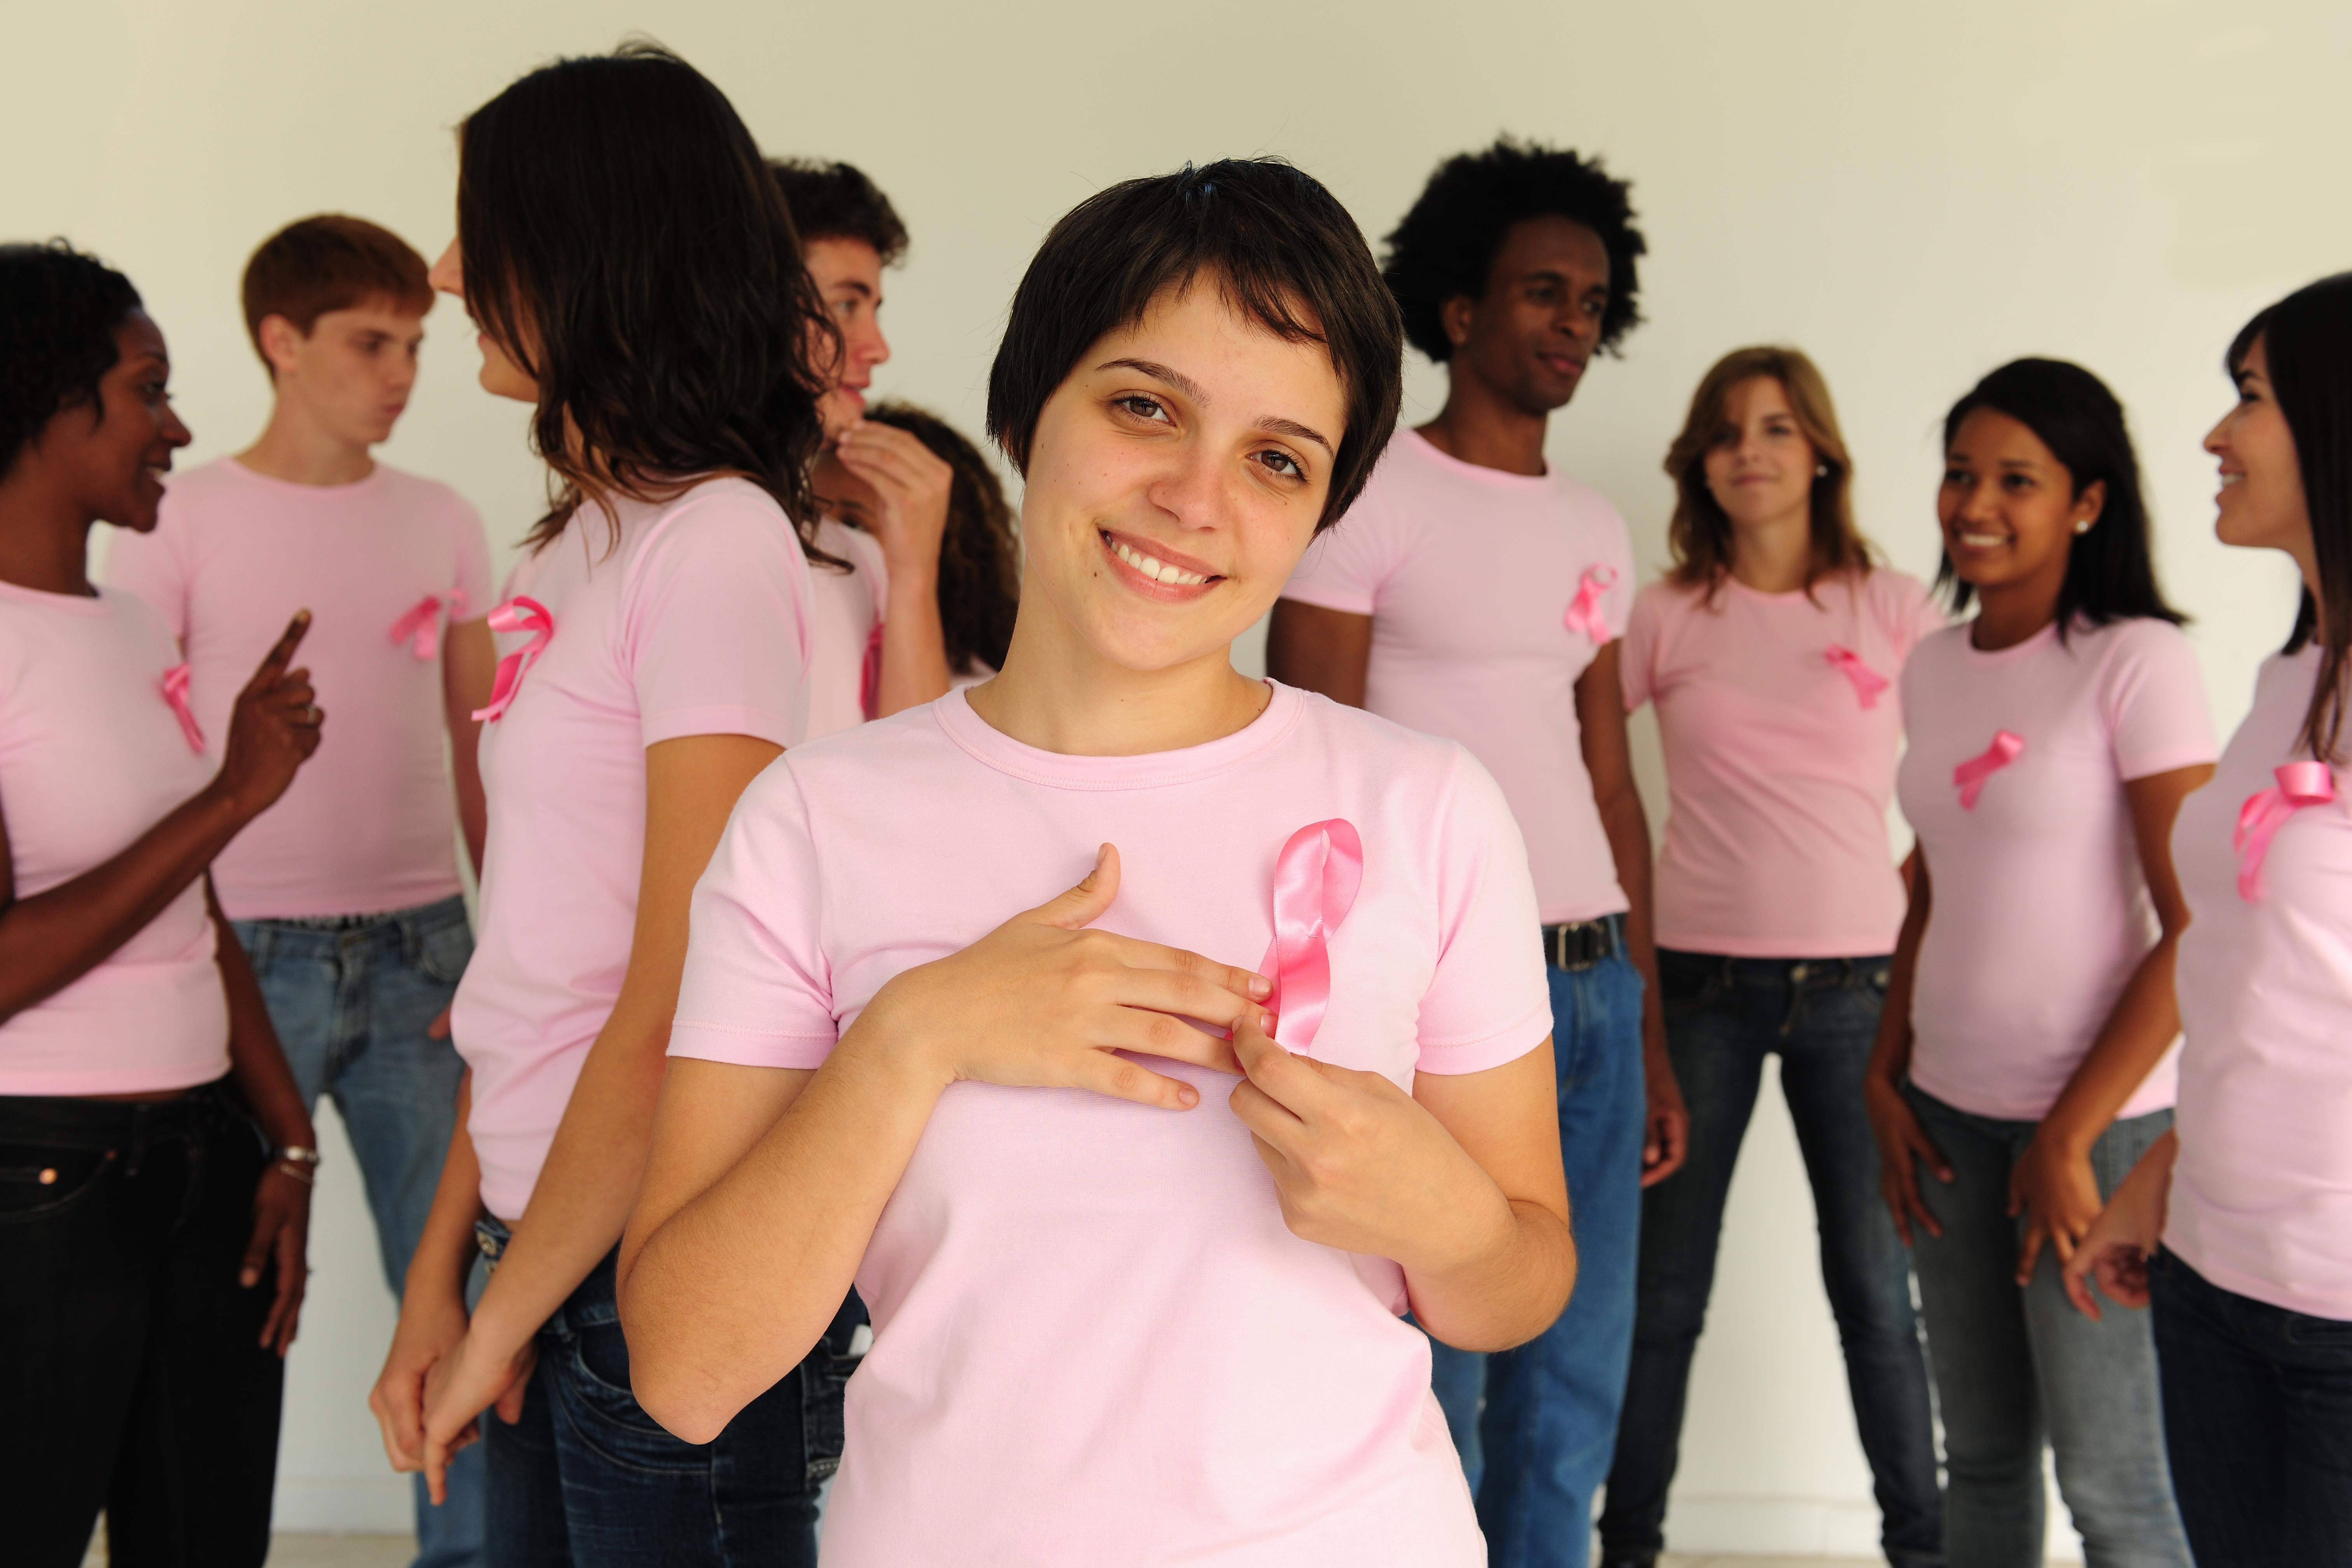 Forskningen går hela tiden framåt när det kommer till cancersjukdomar som bröstcancer och genom årliga kampanjer skapar man uppmärksamhet hos allmänheten kring sjukdomen.